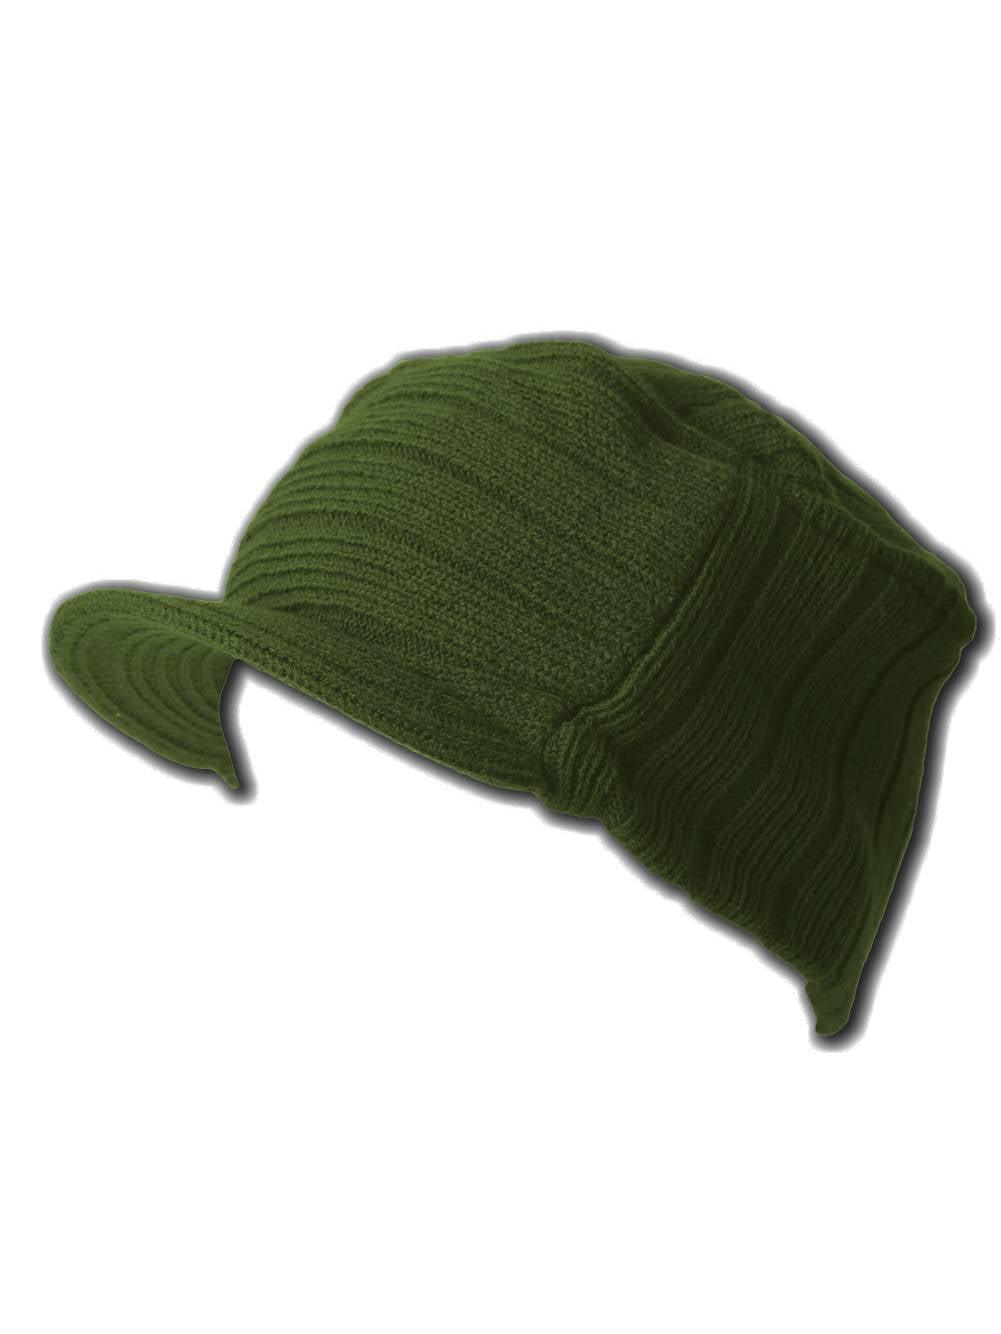 Square Rib Jeep Visor Beanie Hat - Olive b8122d6ba09